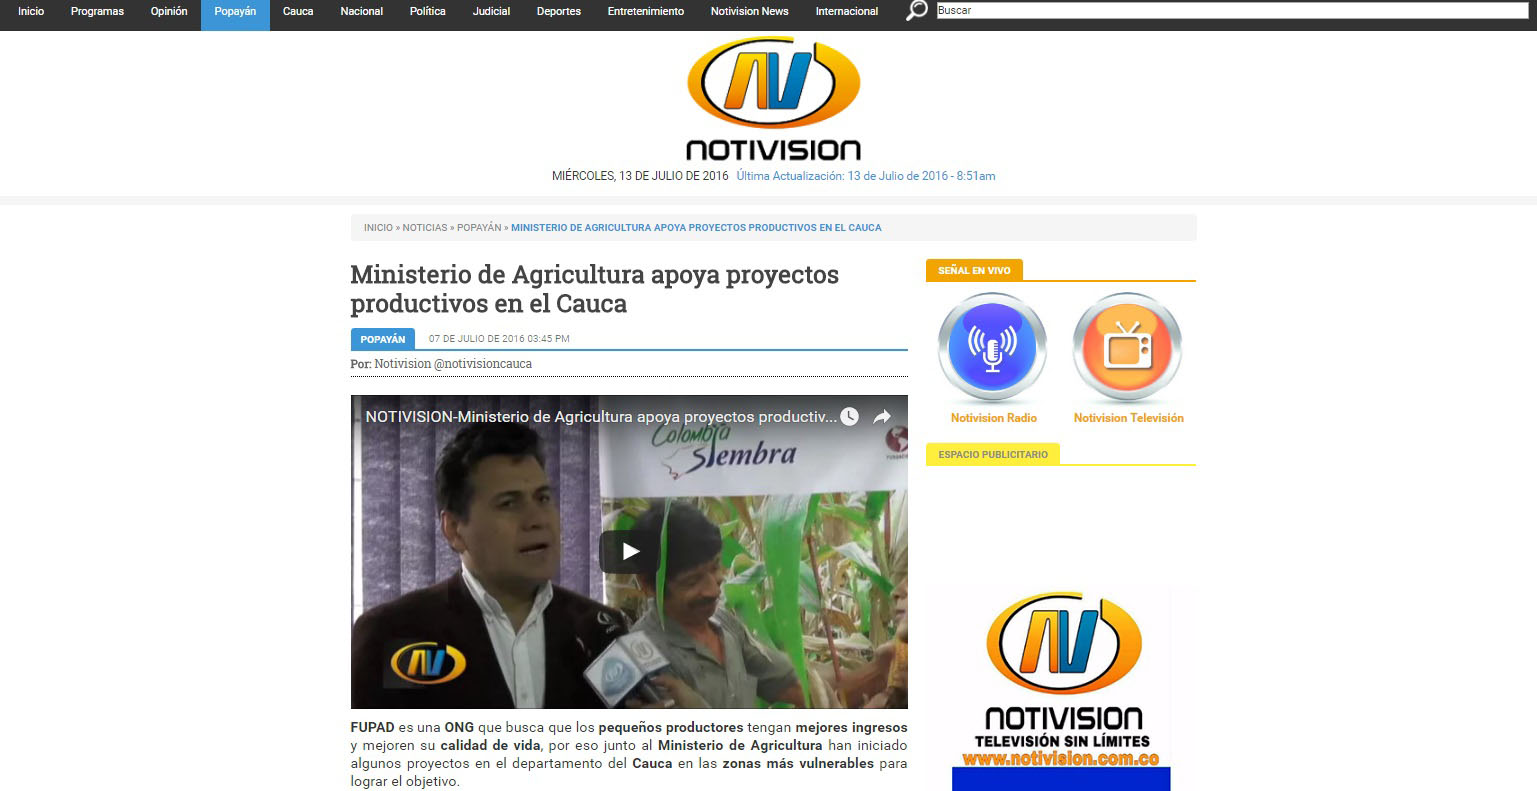 Cauca – notivision.com.co